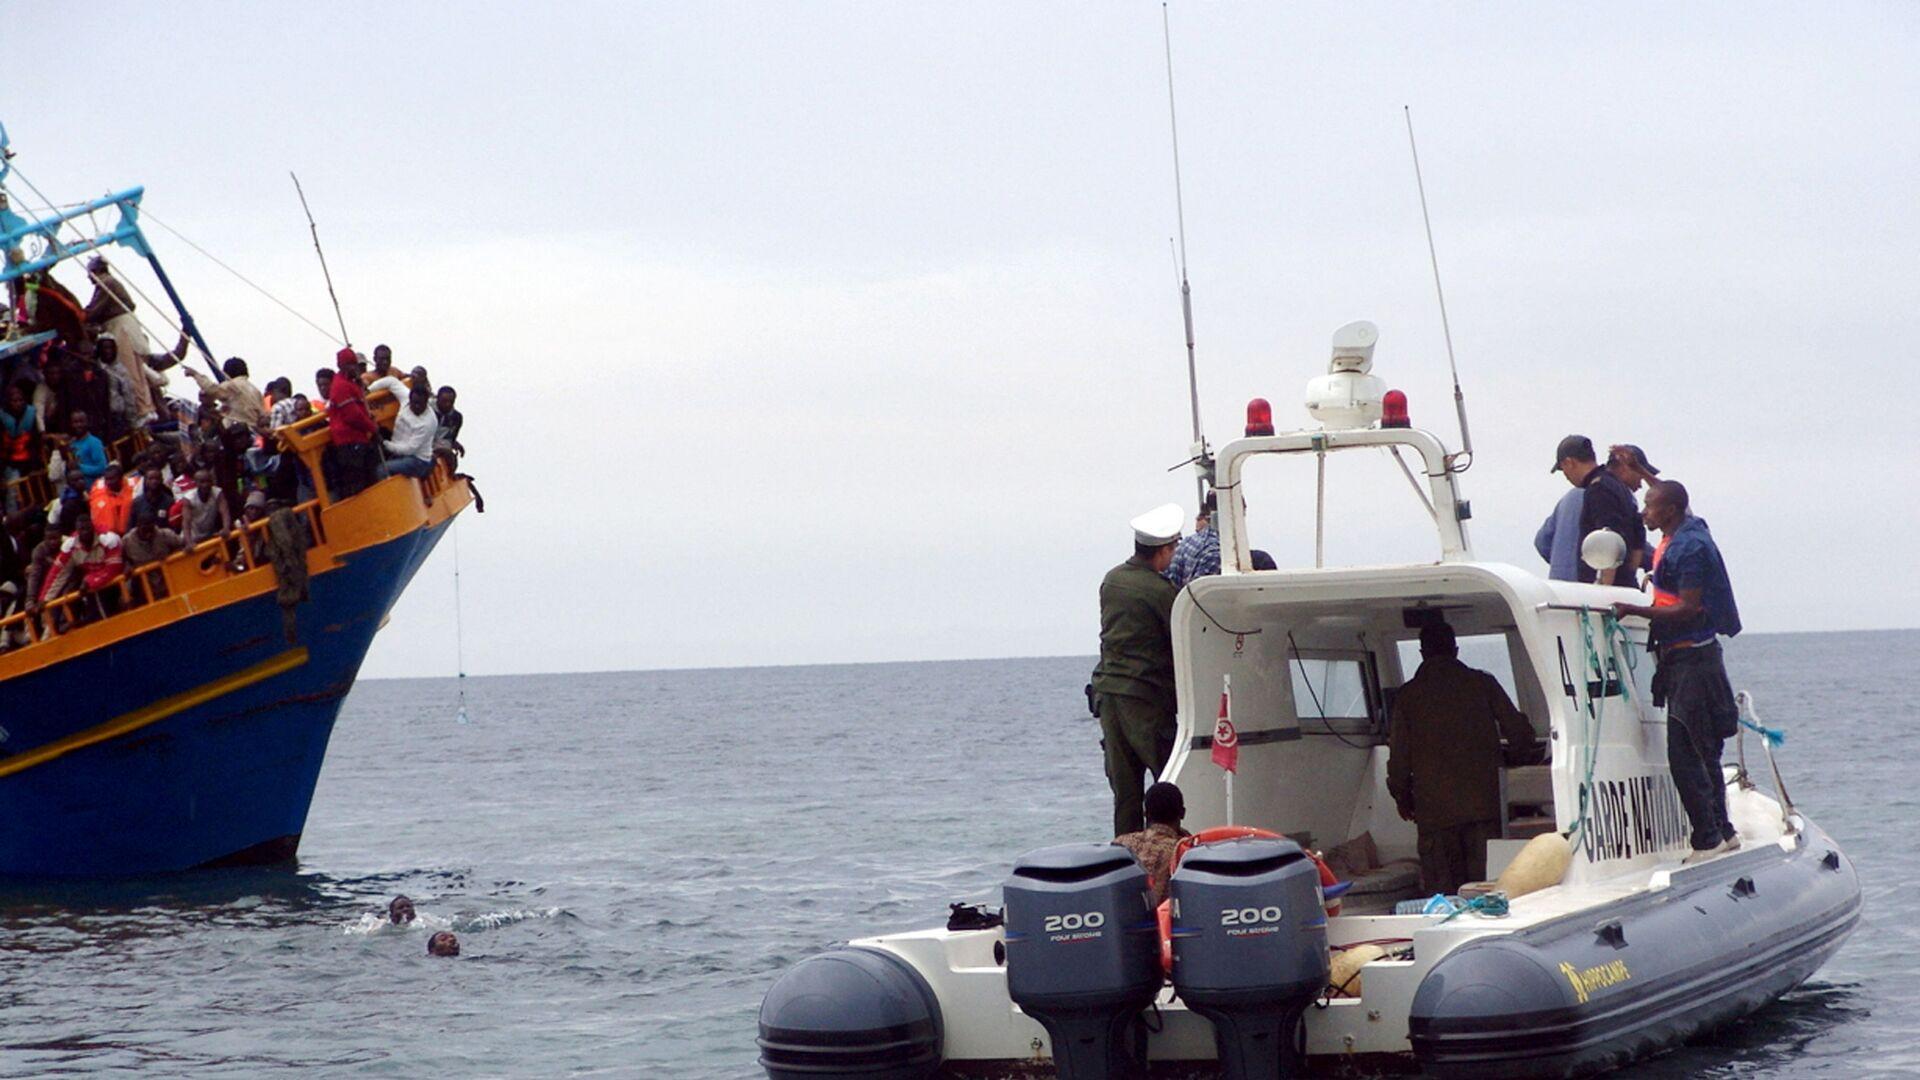 Tunezyjska straż przybrzeżna z uratowanymi migrantami z Libii u wybrzeży Tunezji - Sputnik Polska, 1920, 22.07.2021